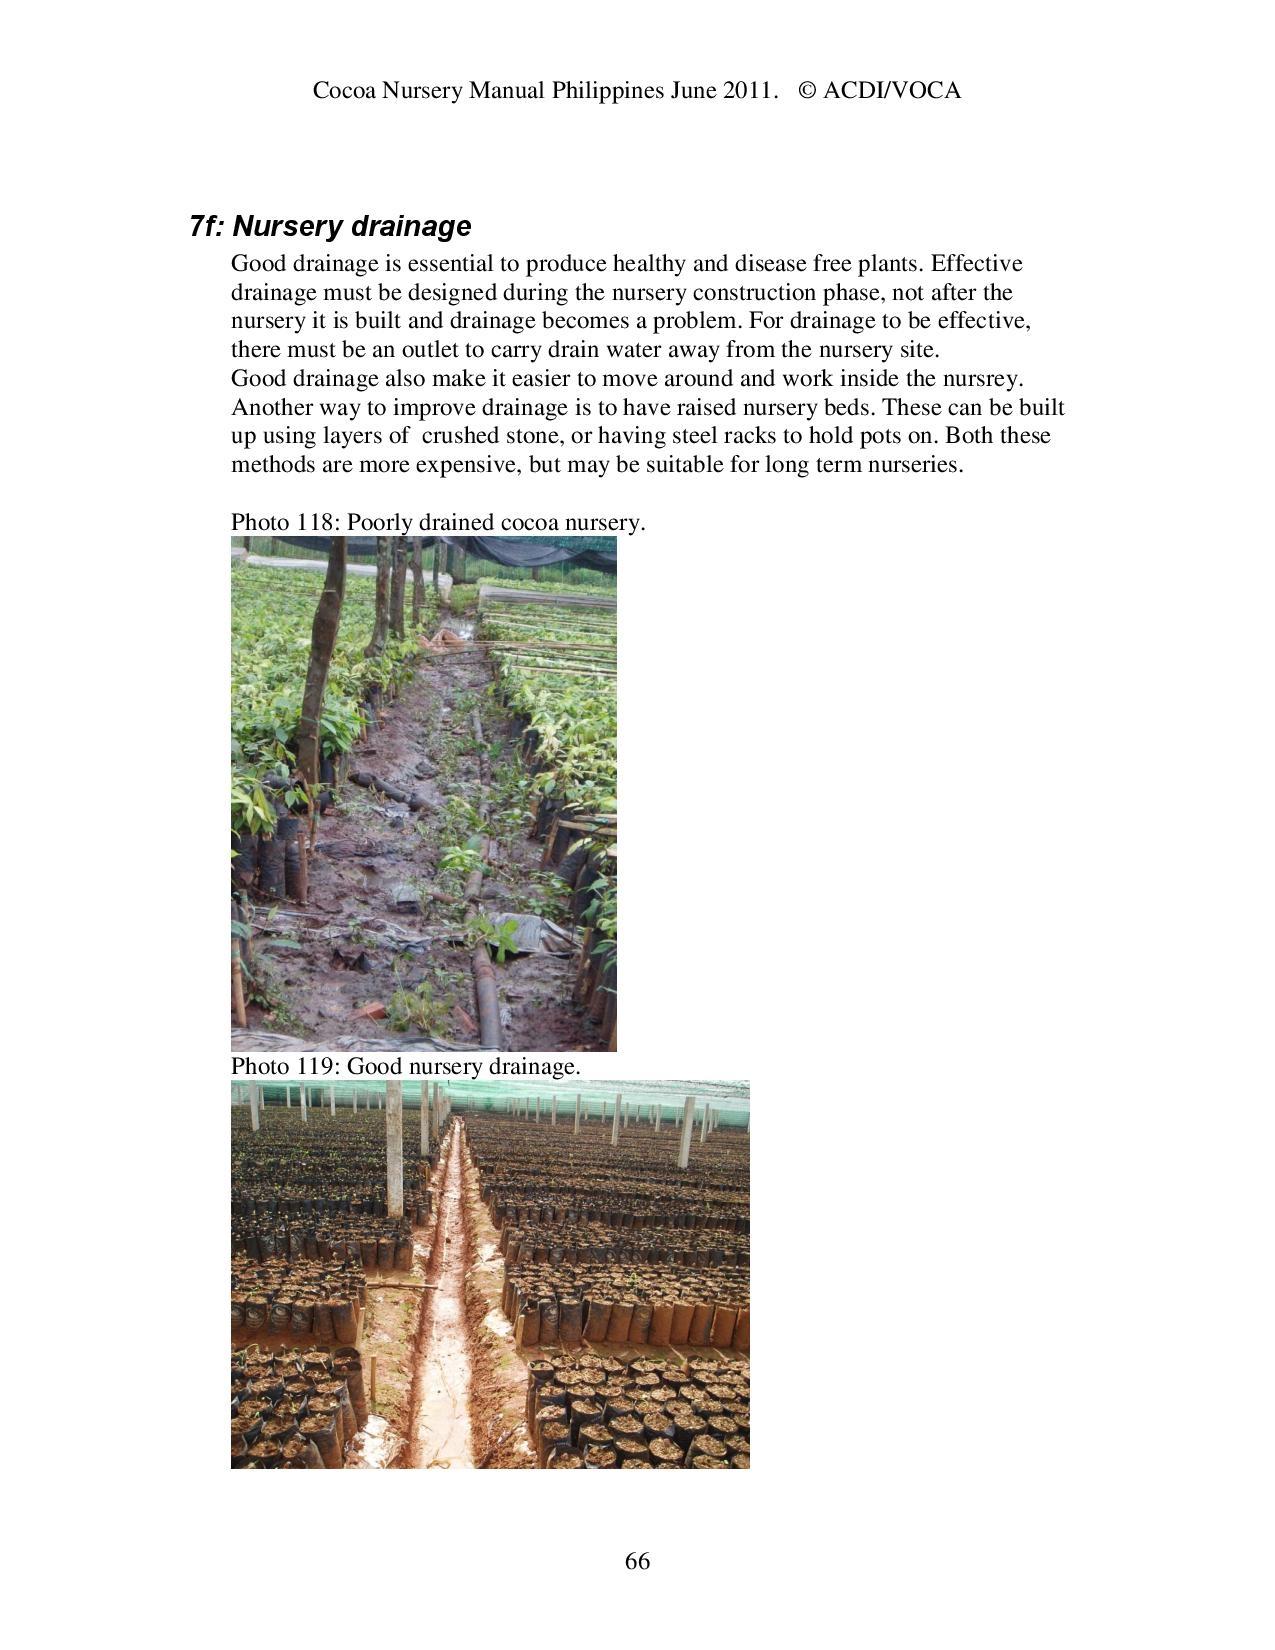 Cocoa-Nursery-Manual-2011_acdi-voca-page-066